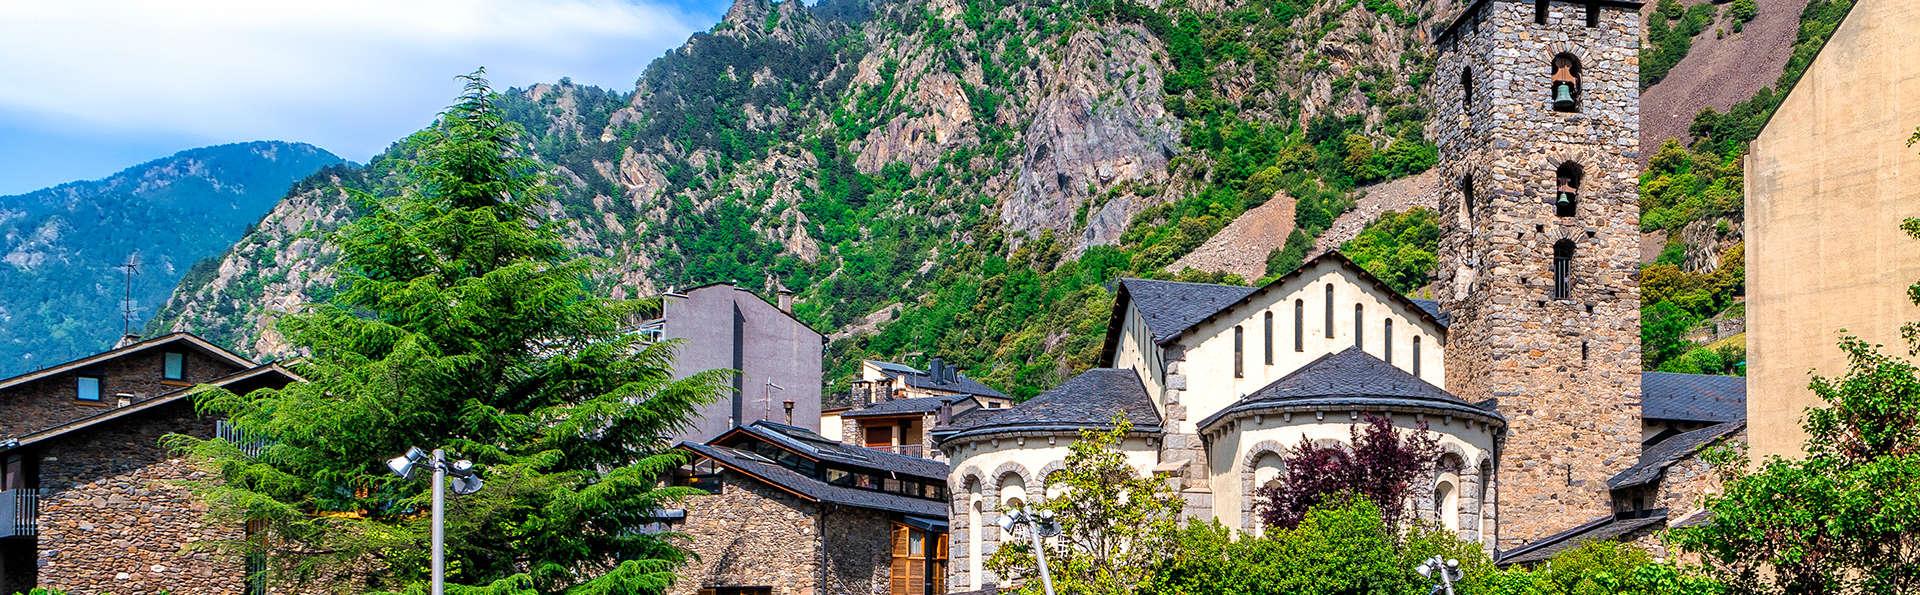 Profitez d'un week-end près de la montagne en Andorre